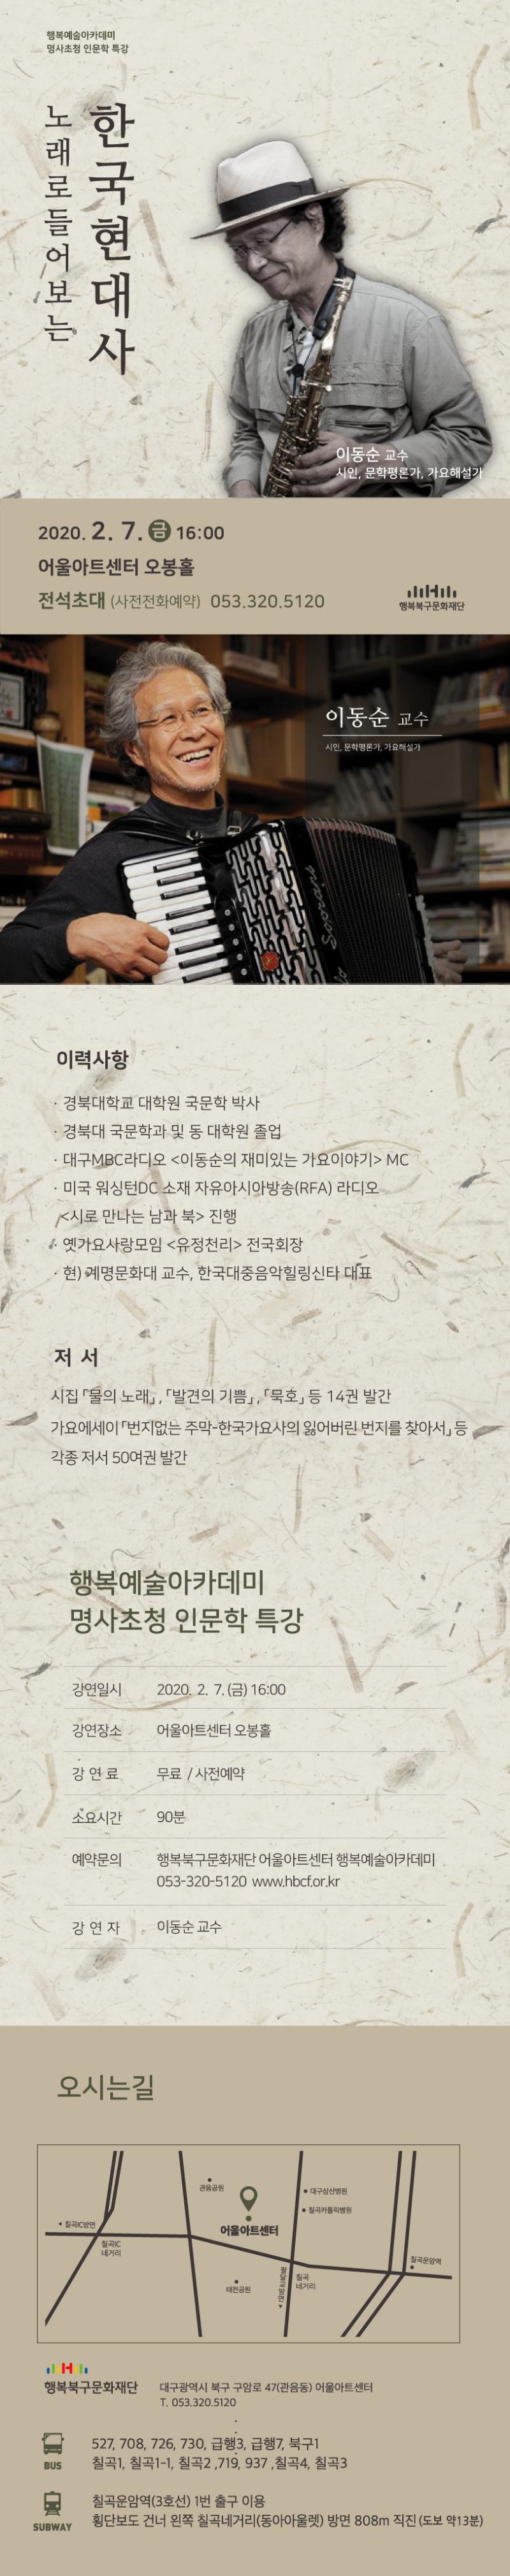 상세보기_인문학특강(이동순).png